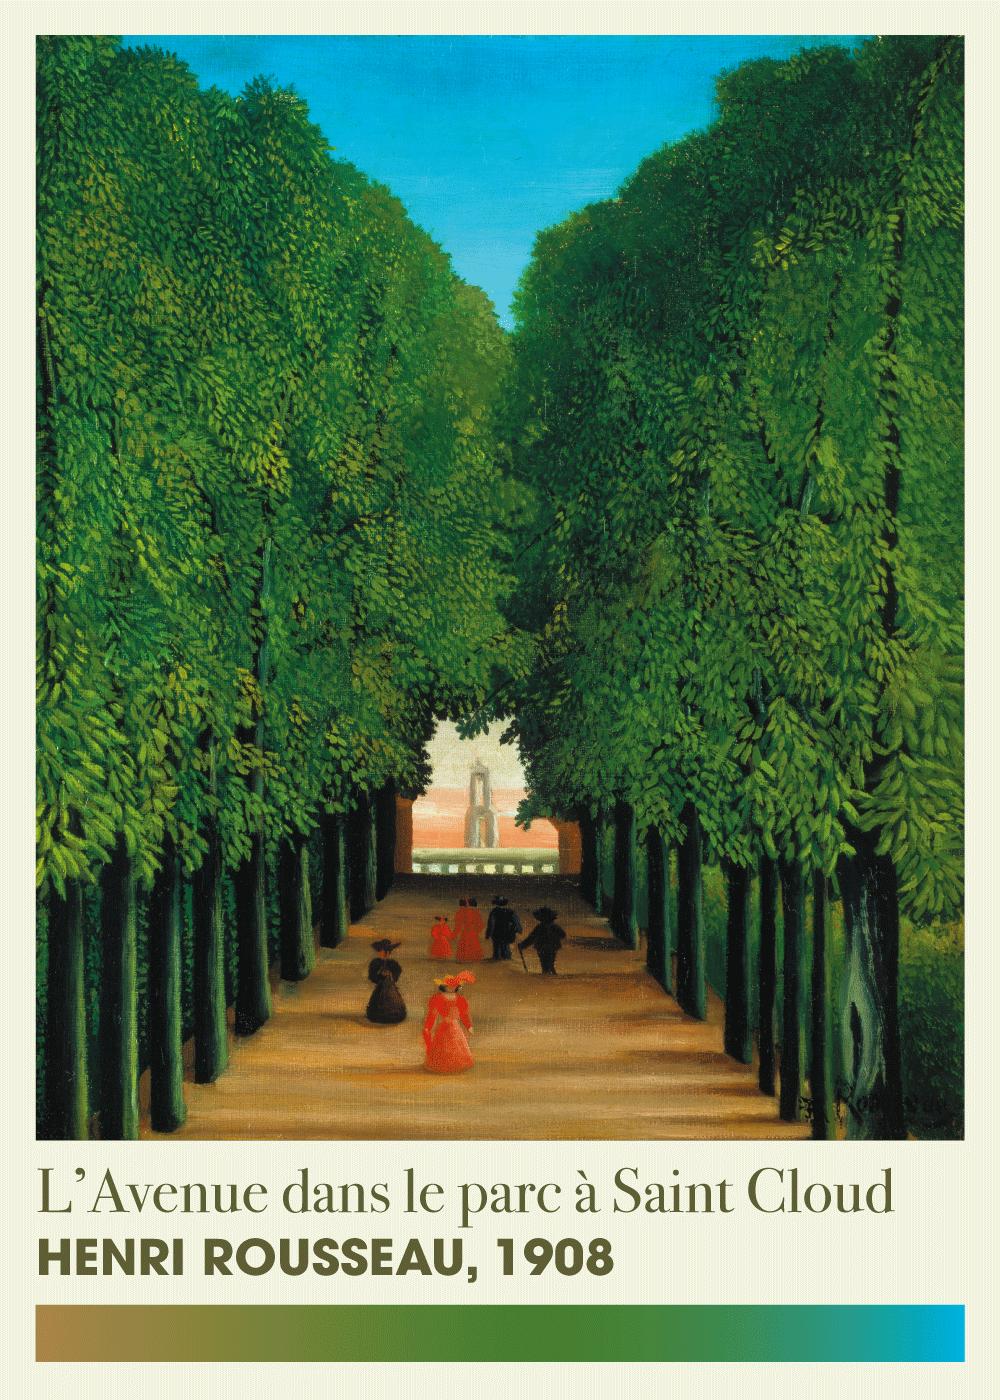 Billede af L'avenue dans le parc - Henri Rousseau kunstplakat